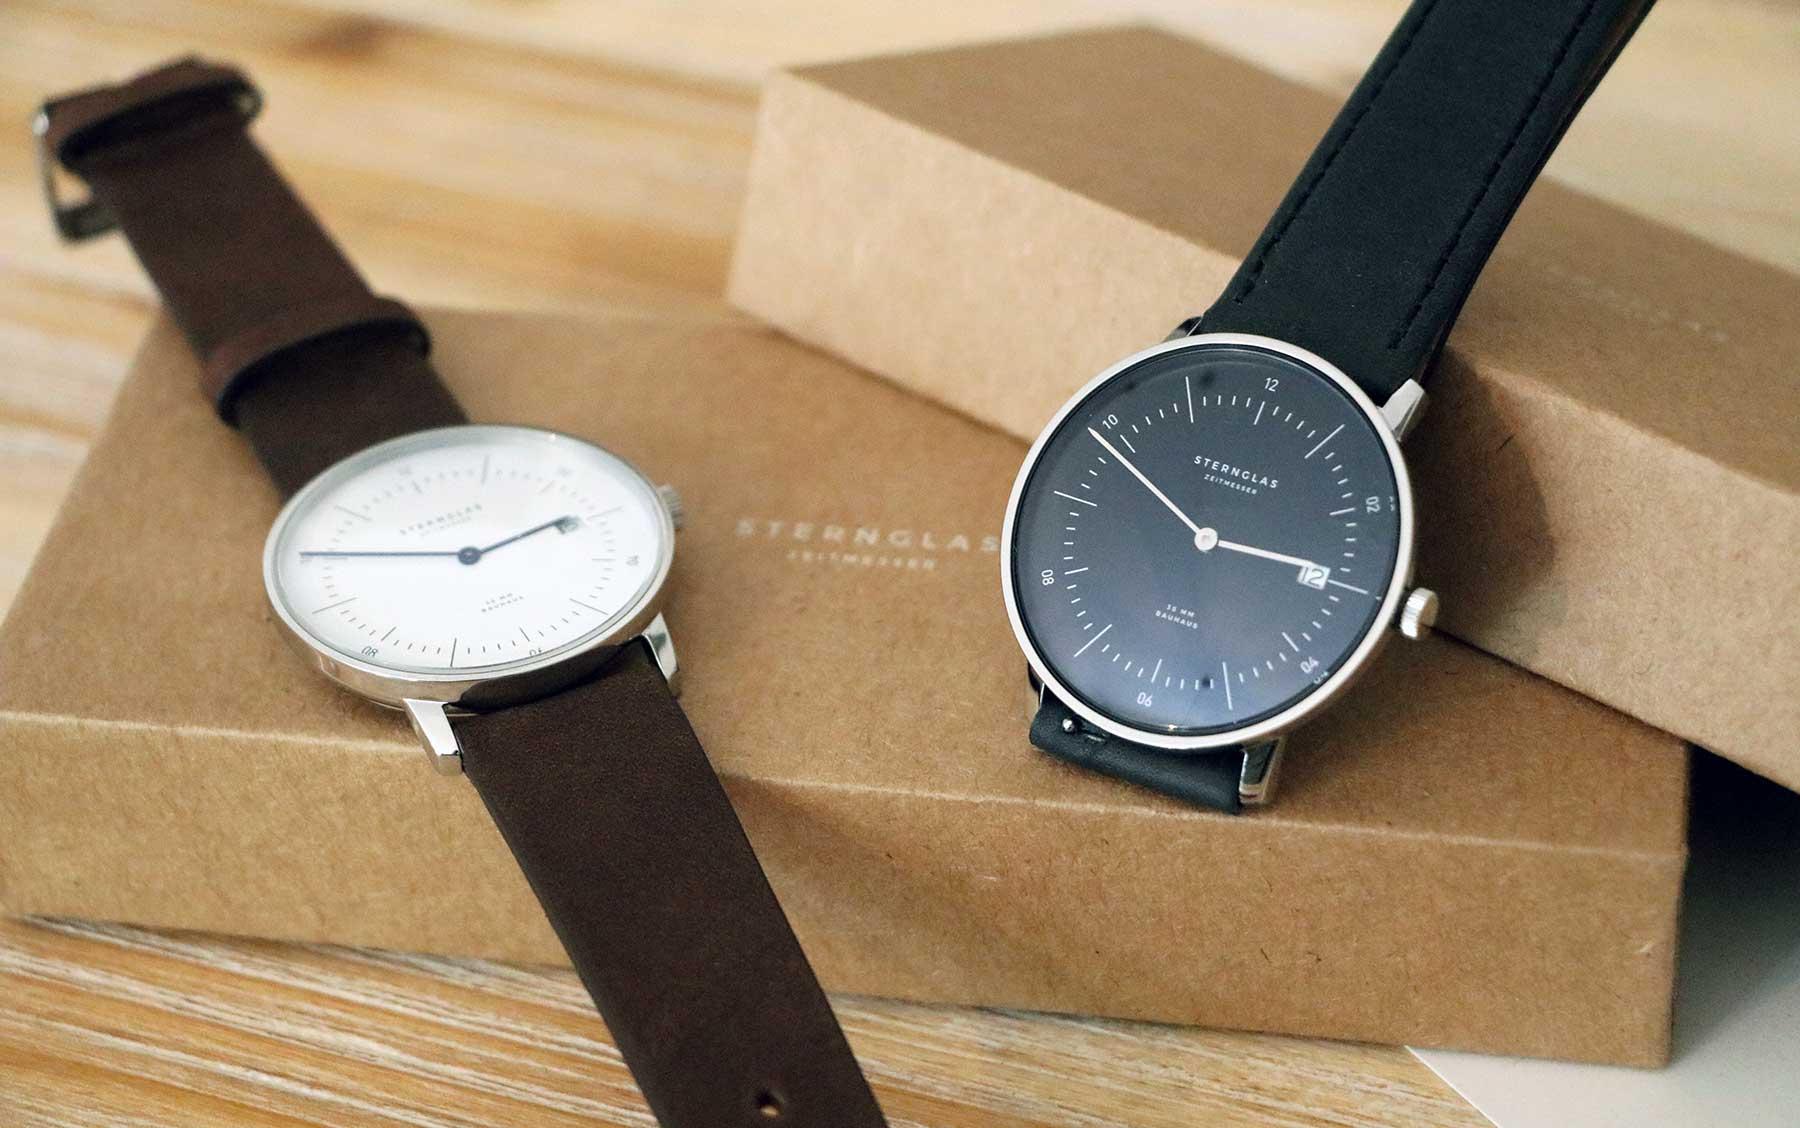 Die neuen Bauhaus-Uhren von STERNGLAS im Test: NAOS Sternglas-NAOS-Uhr-Test_01